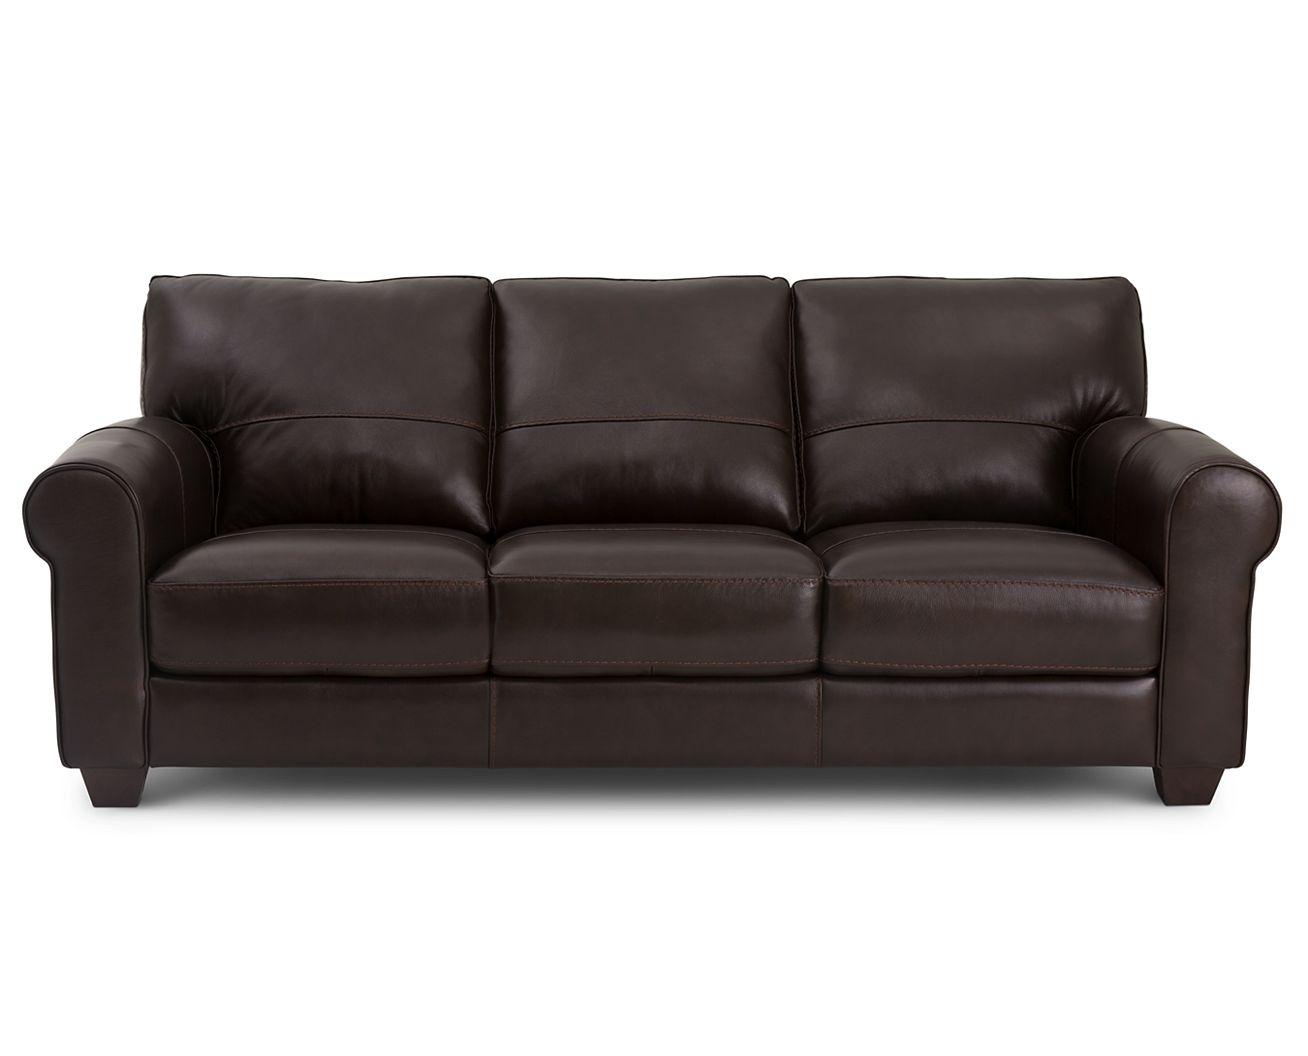 Sasso Sofa Clearance